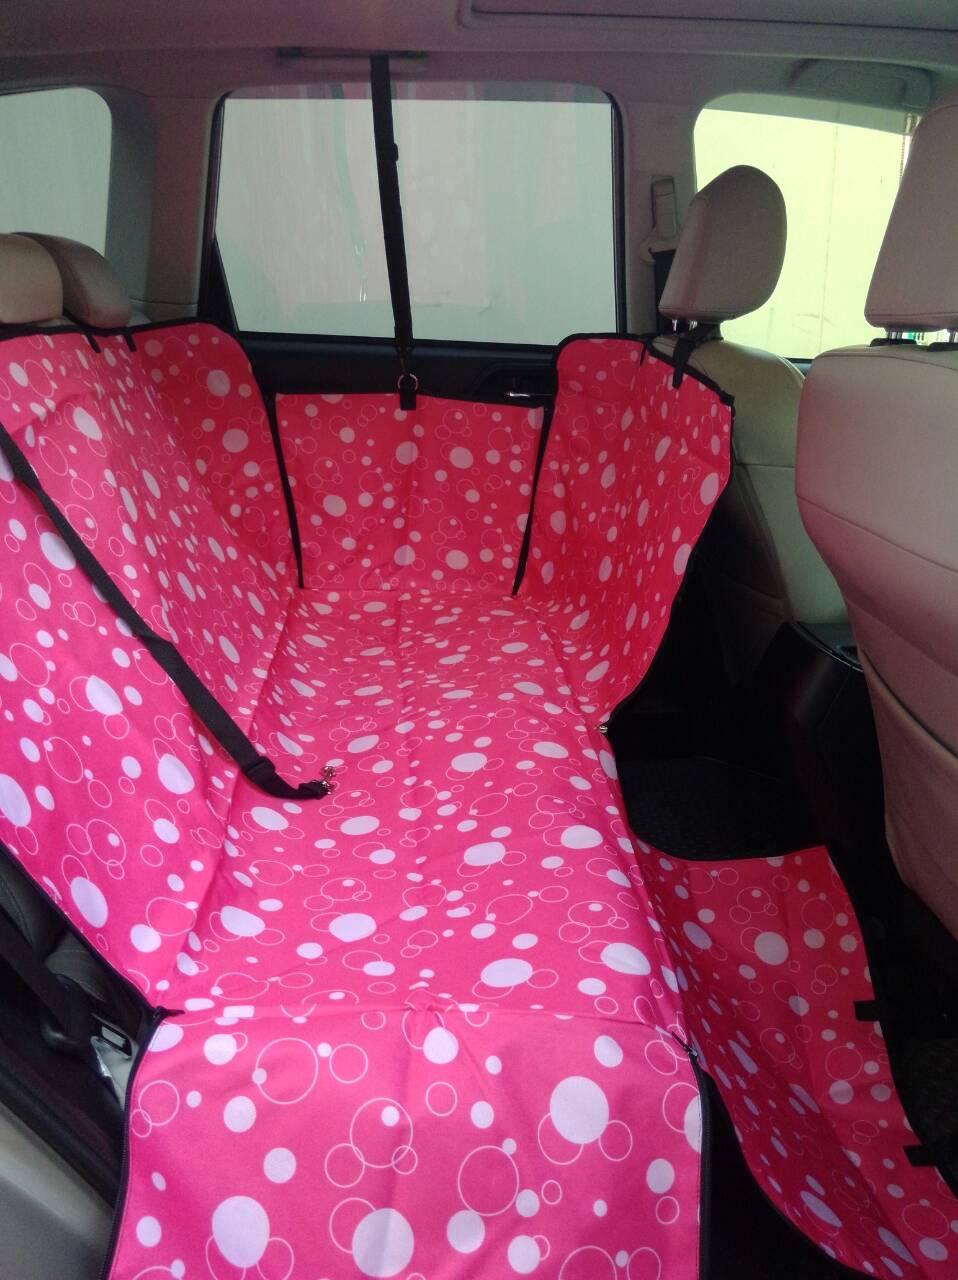 ที่รองเบาะรถยนต์สำหรับสุนัข ด้านหลัง 2 ที่นั่ง 2 in 1 สีชมพู ฟองสบู่